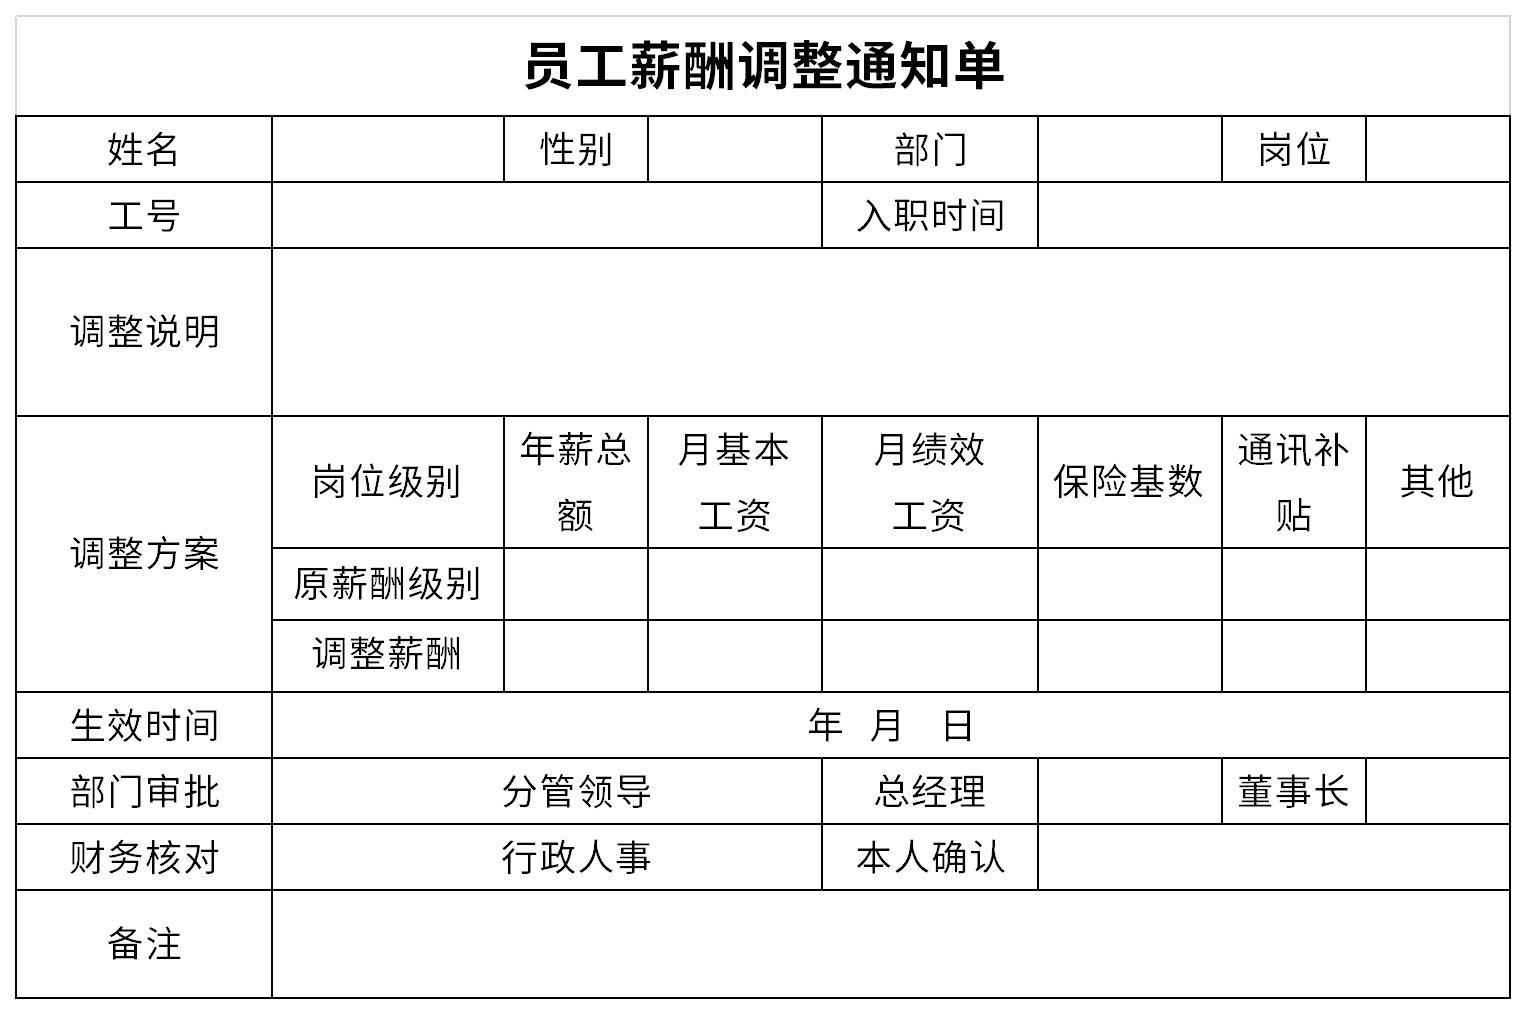 员工薪酬调整通知单截图